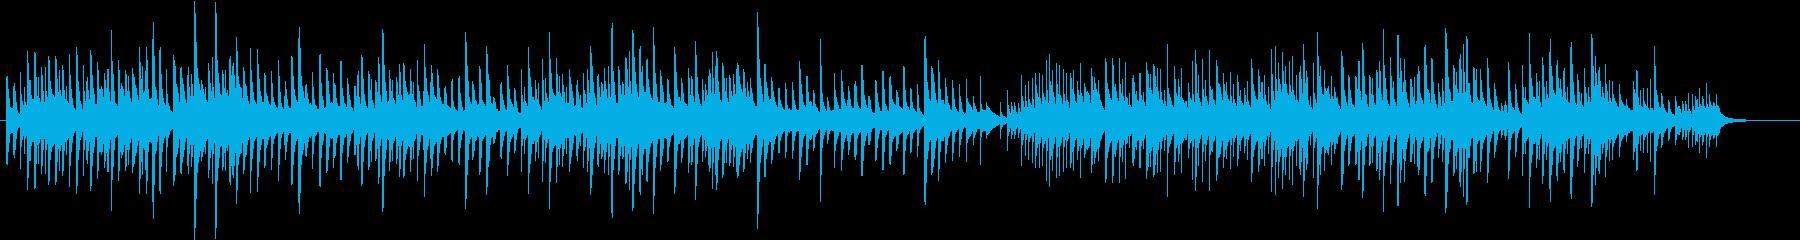 ほのぼのとしたオルゴールのBGMの再生済みの波形